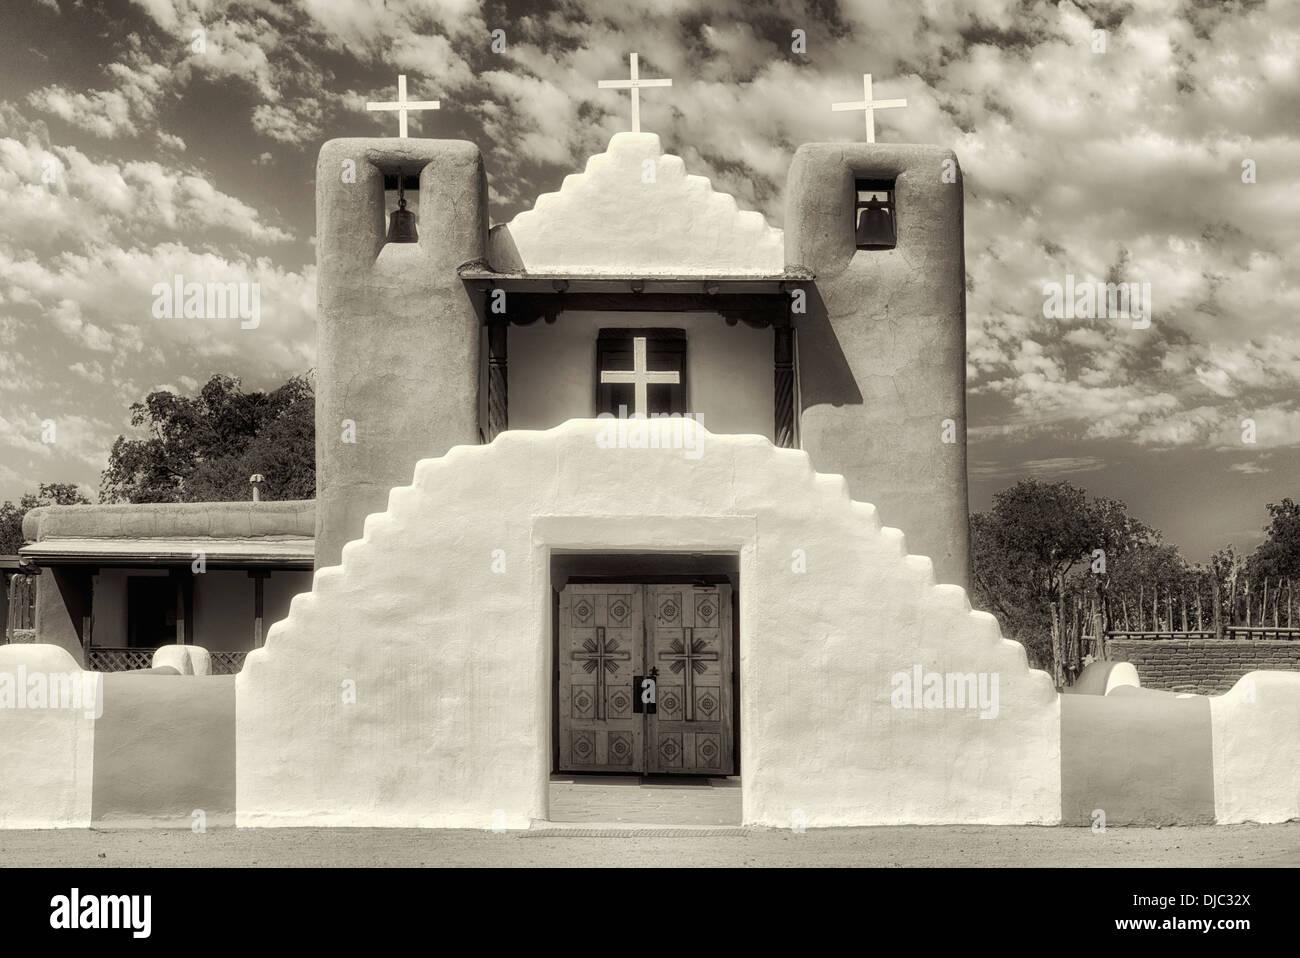 Dans l'église San Geronimo de Taos Pueblo. Taos, Nouveau Mexique. Photo Stock